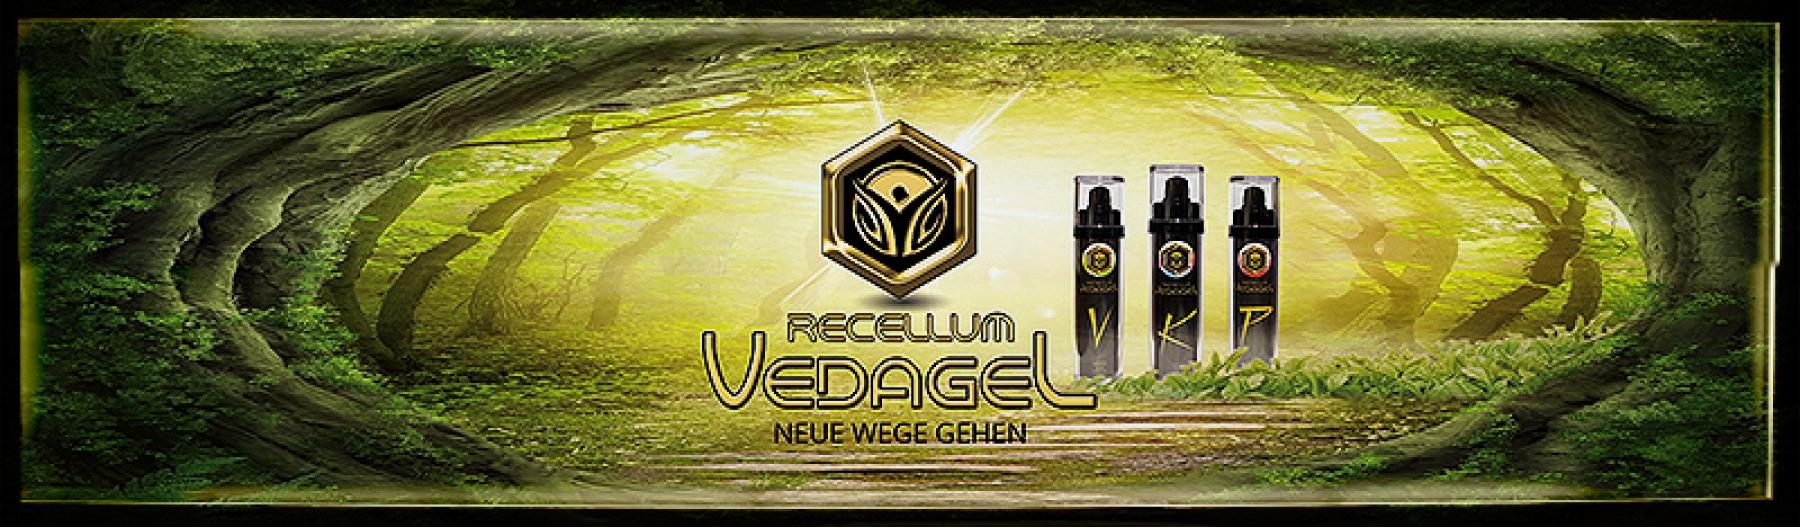 Recellum Vedagel